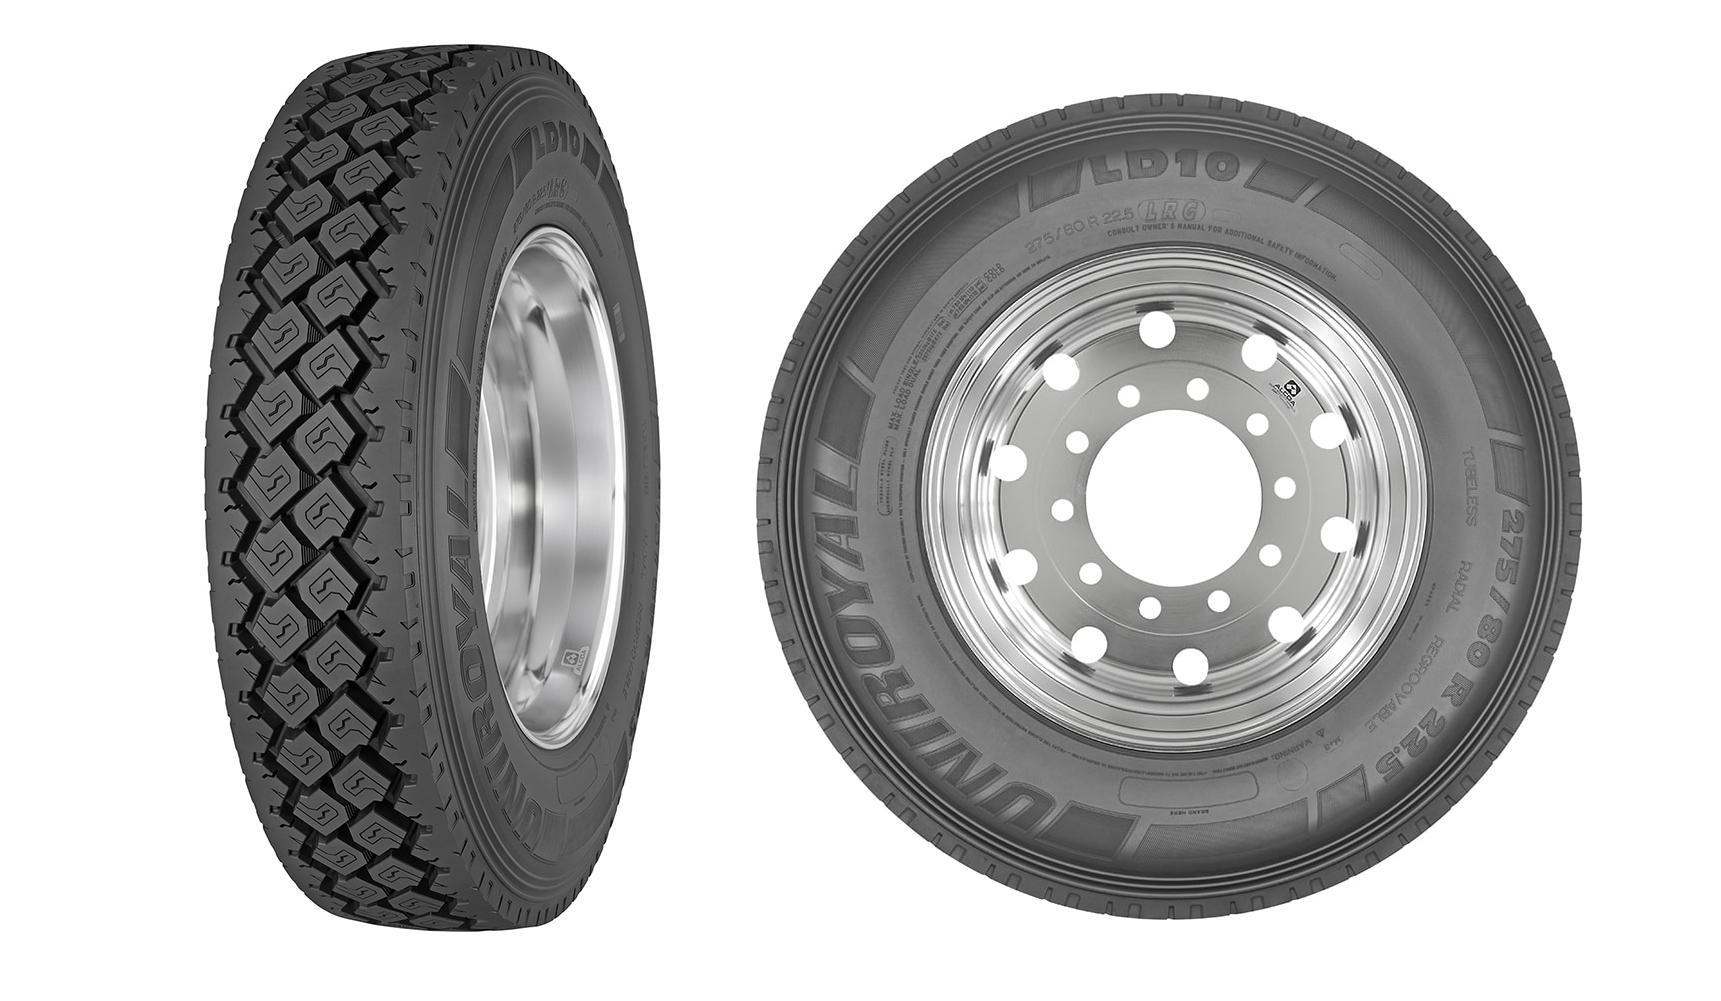 Мишлен представил новую грузовую шину бренда Uniroyal